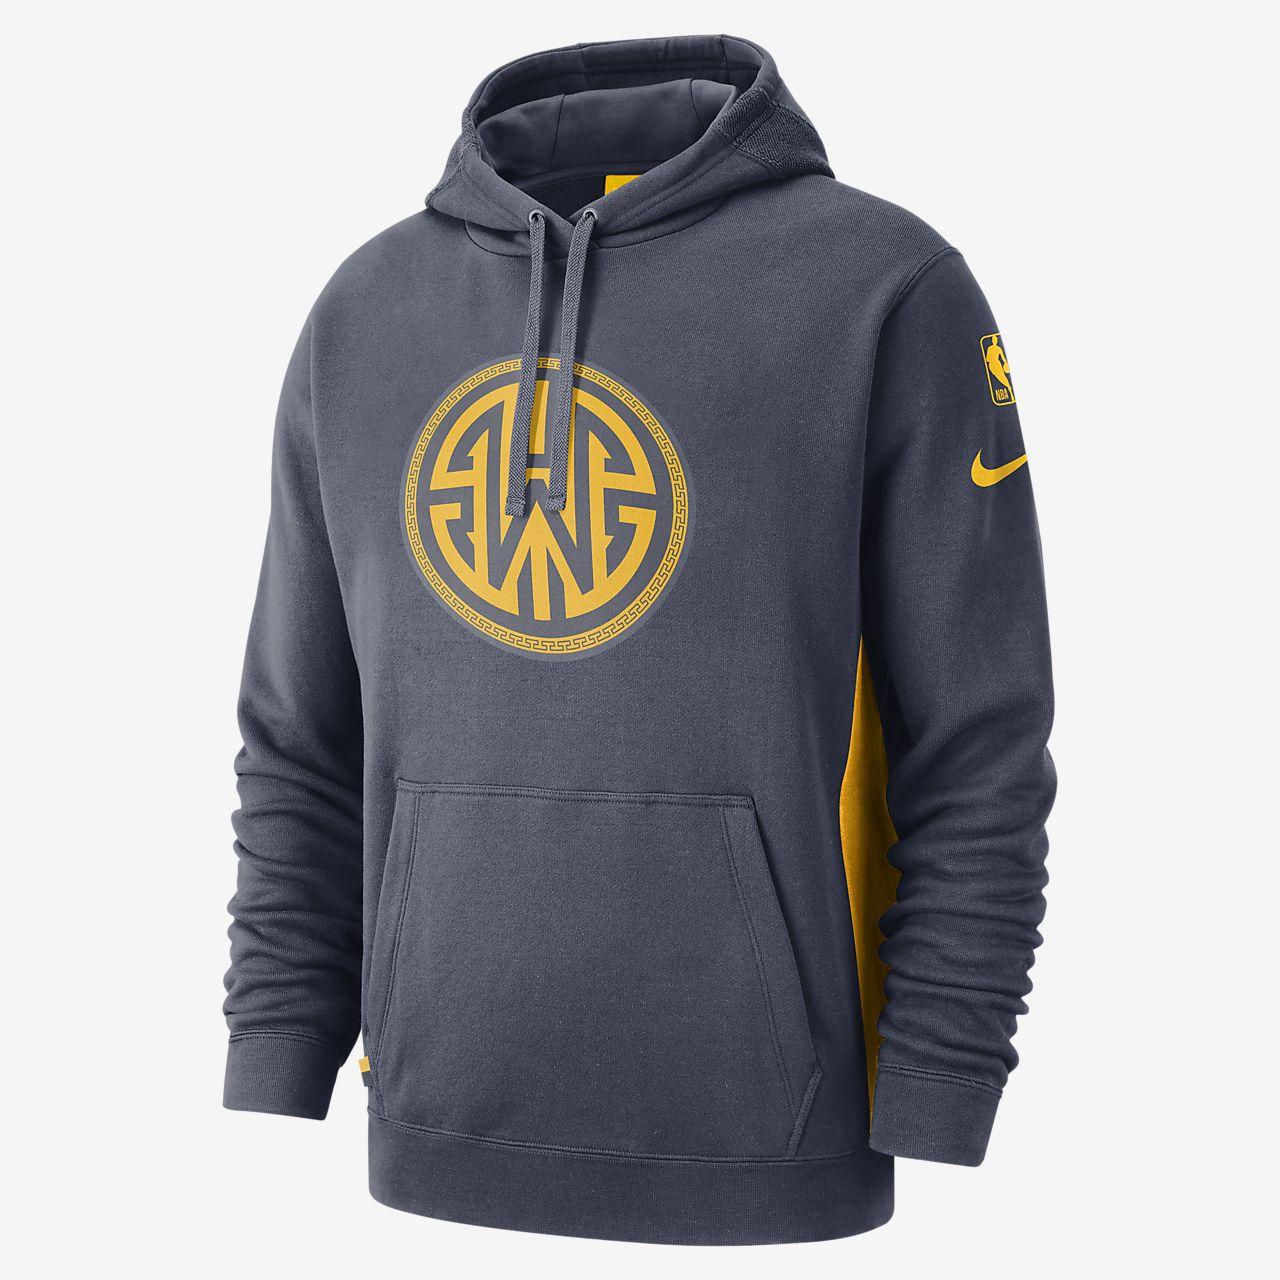 金州勇士队 Nike 男子 NBA 连帽衫